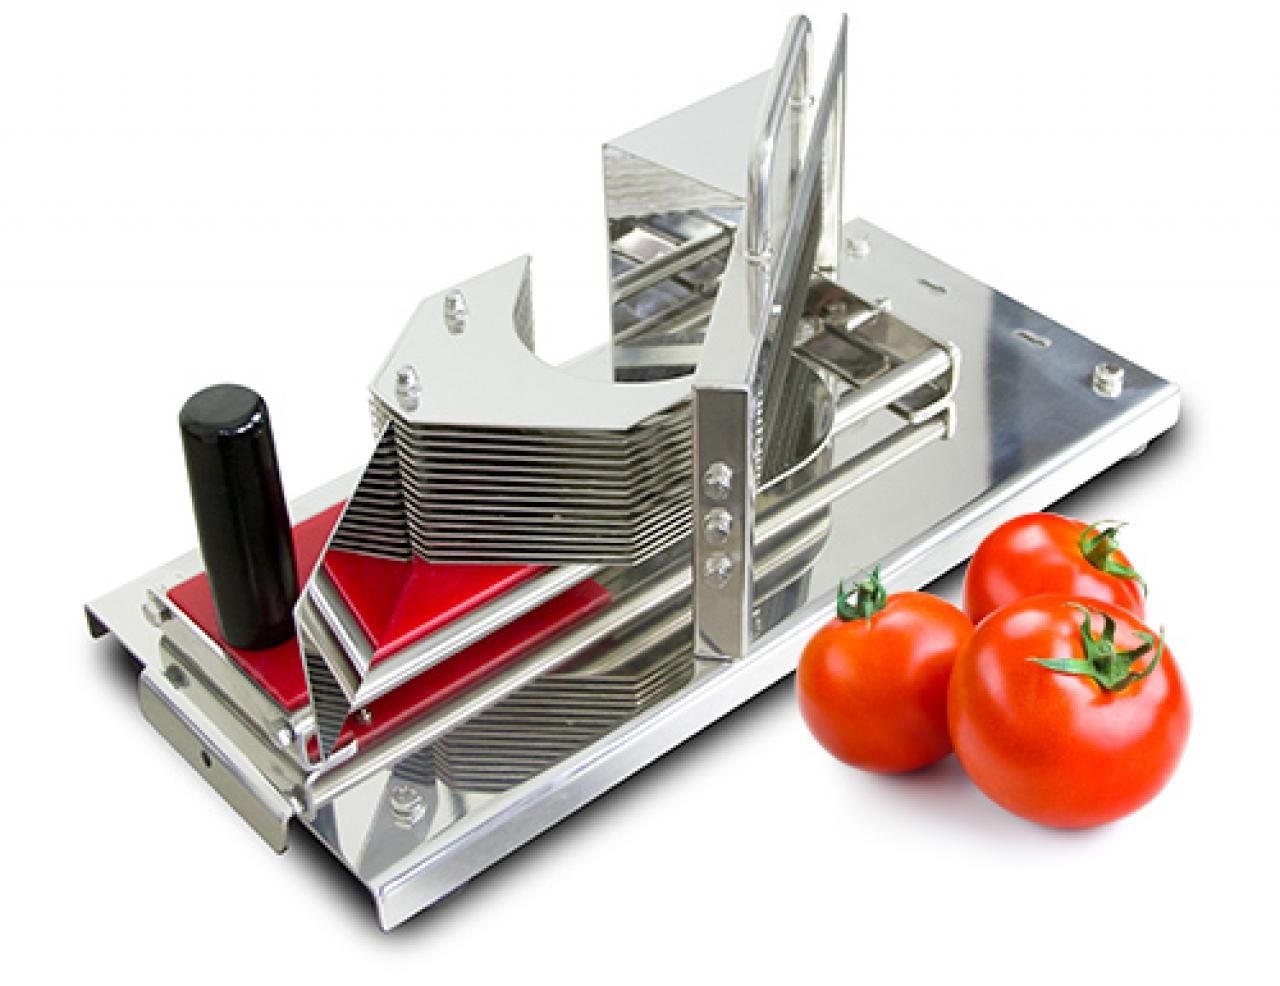 Tomato slicer 4mm